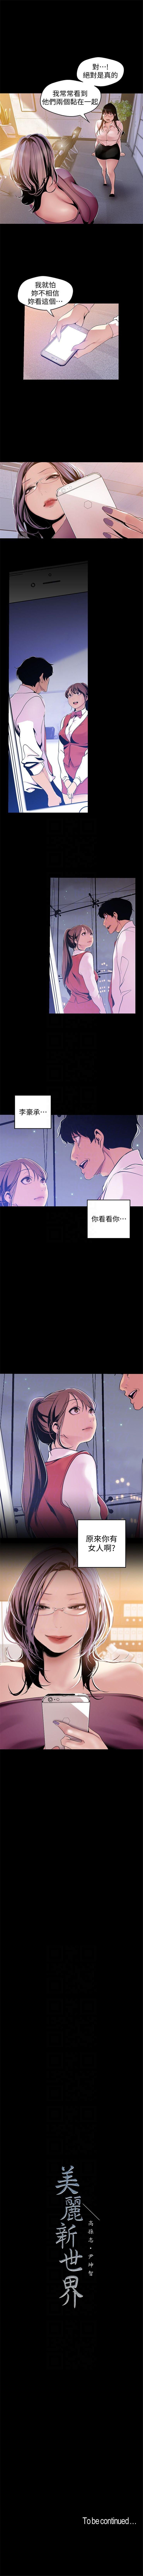 美麗新世界 1-85 官方中文(連載中) 403